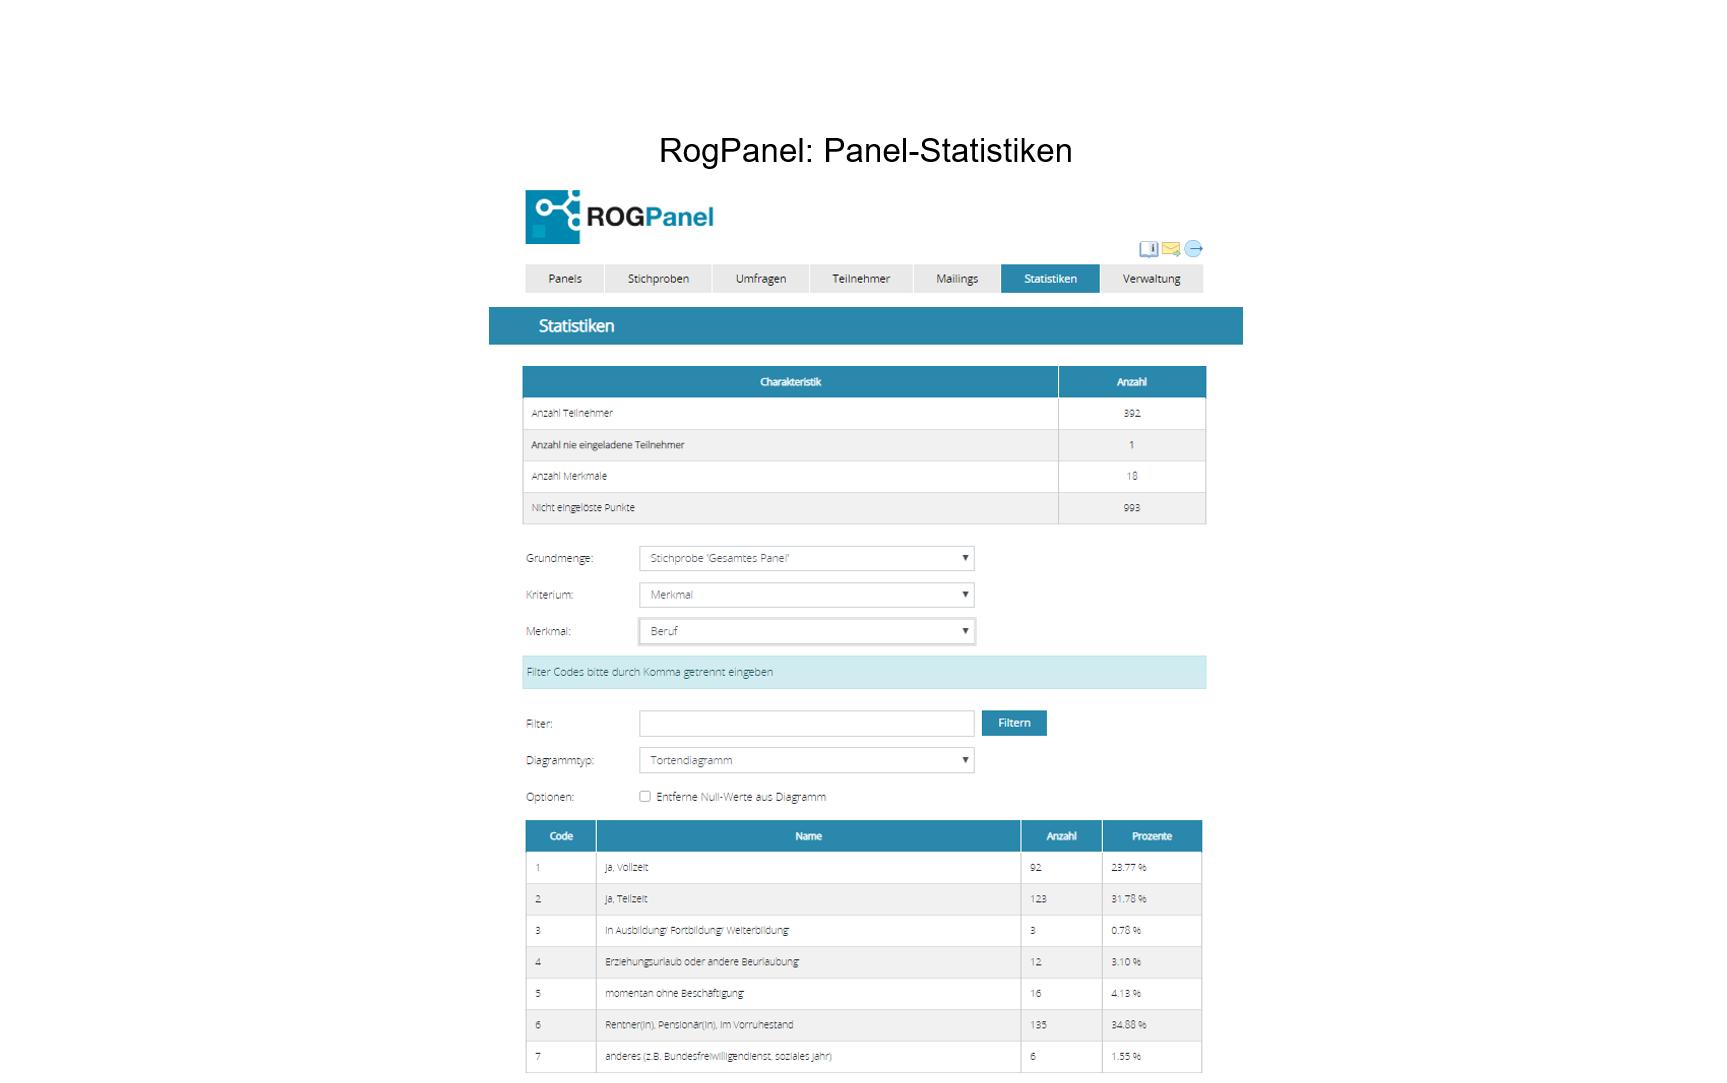 Paneladministration_Panel-Statistiken